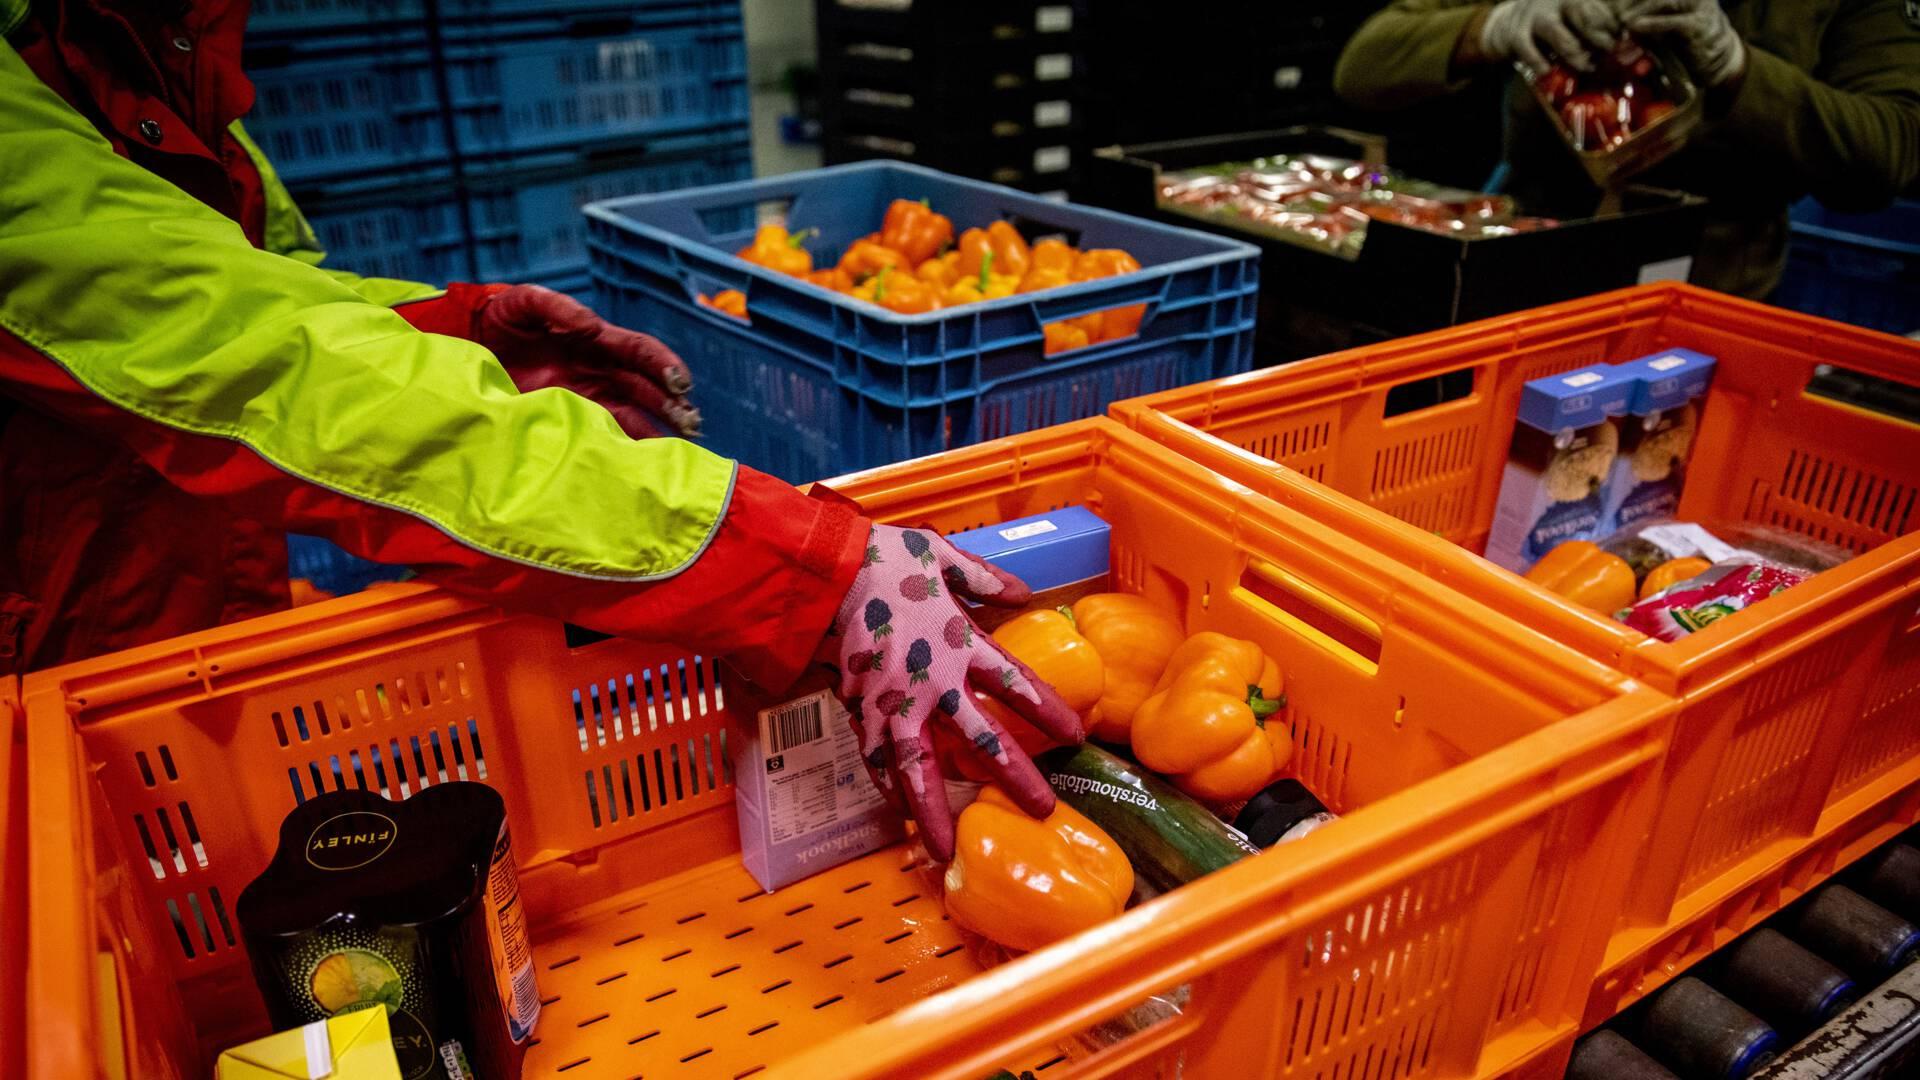 أكثر من مليون شخص في هولندا يعيشون تحت خط الفقر